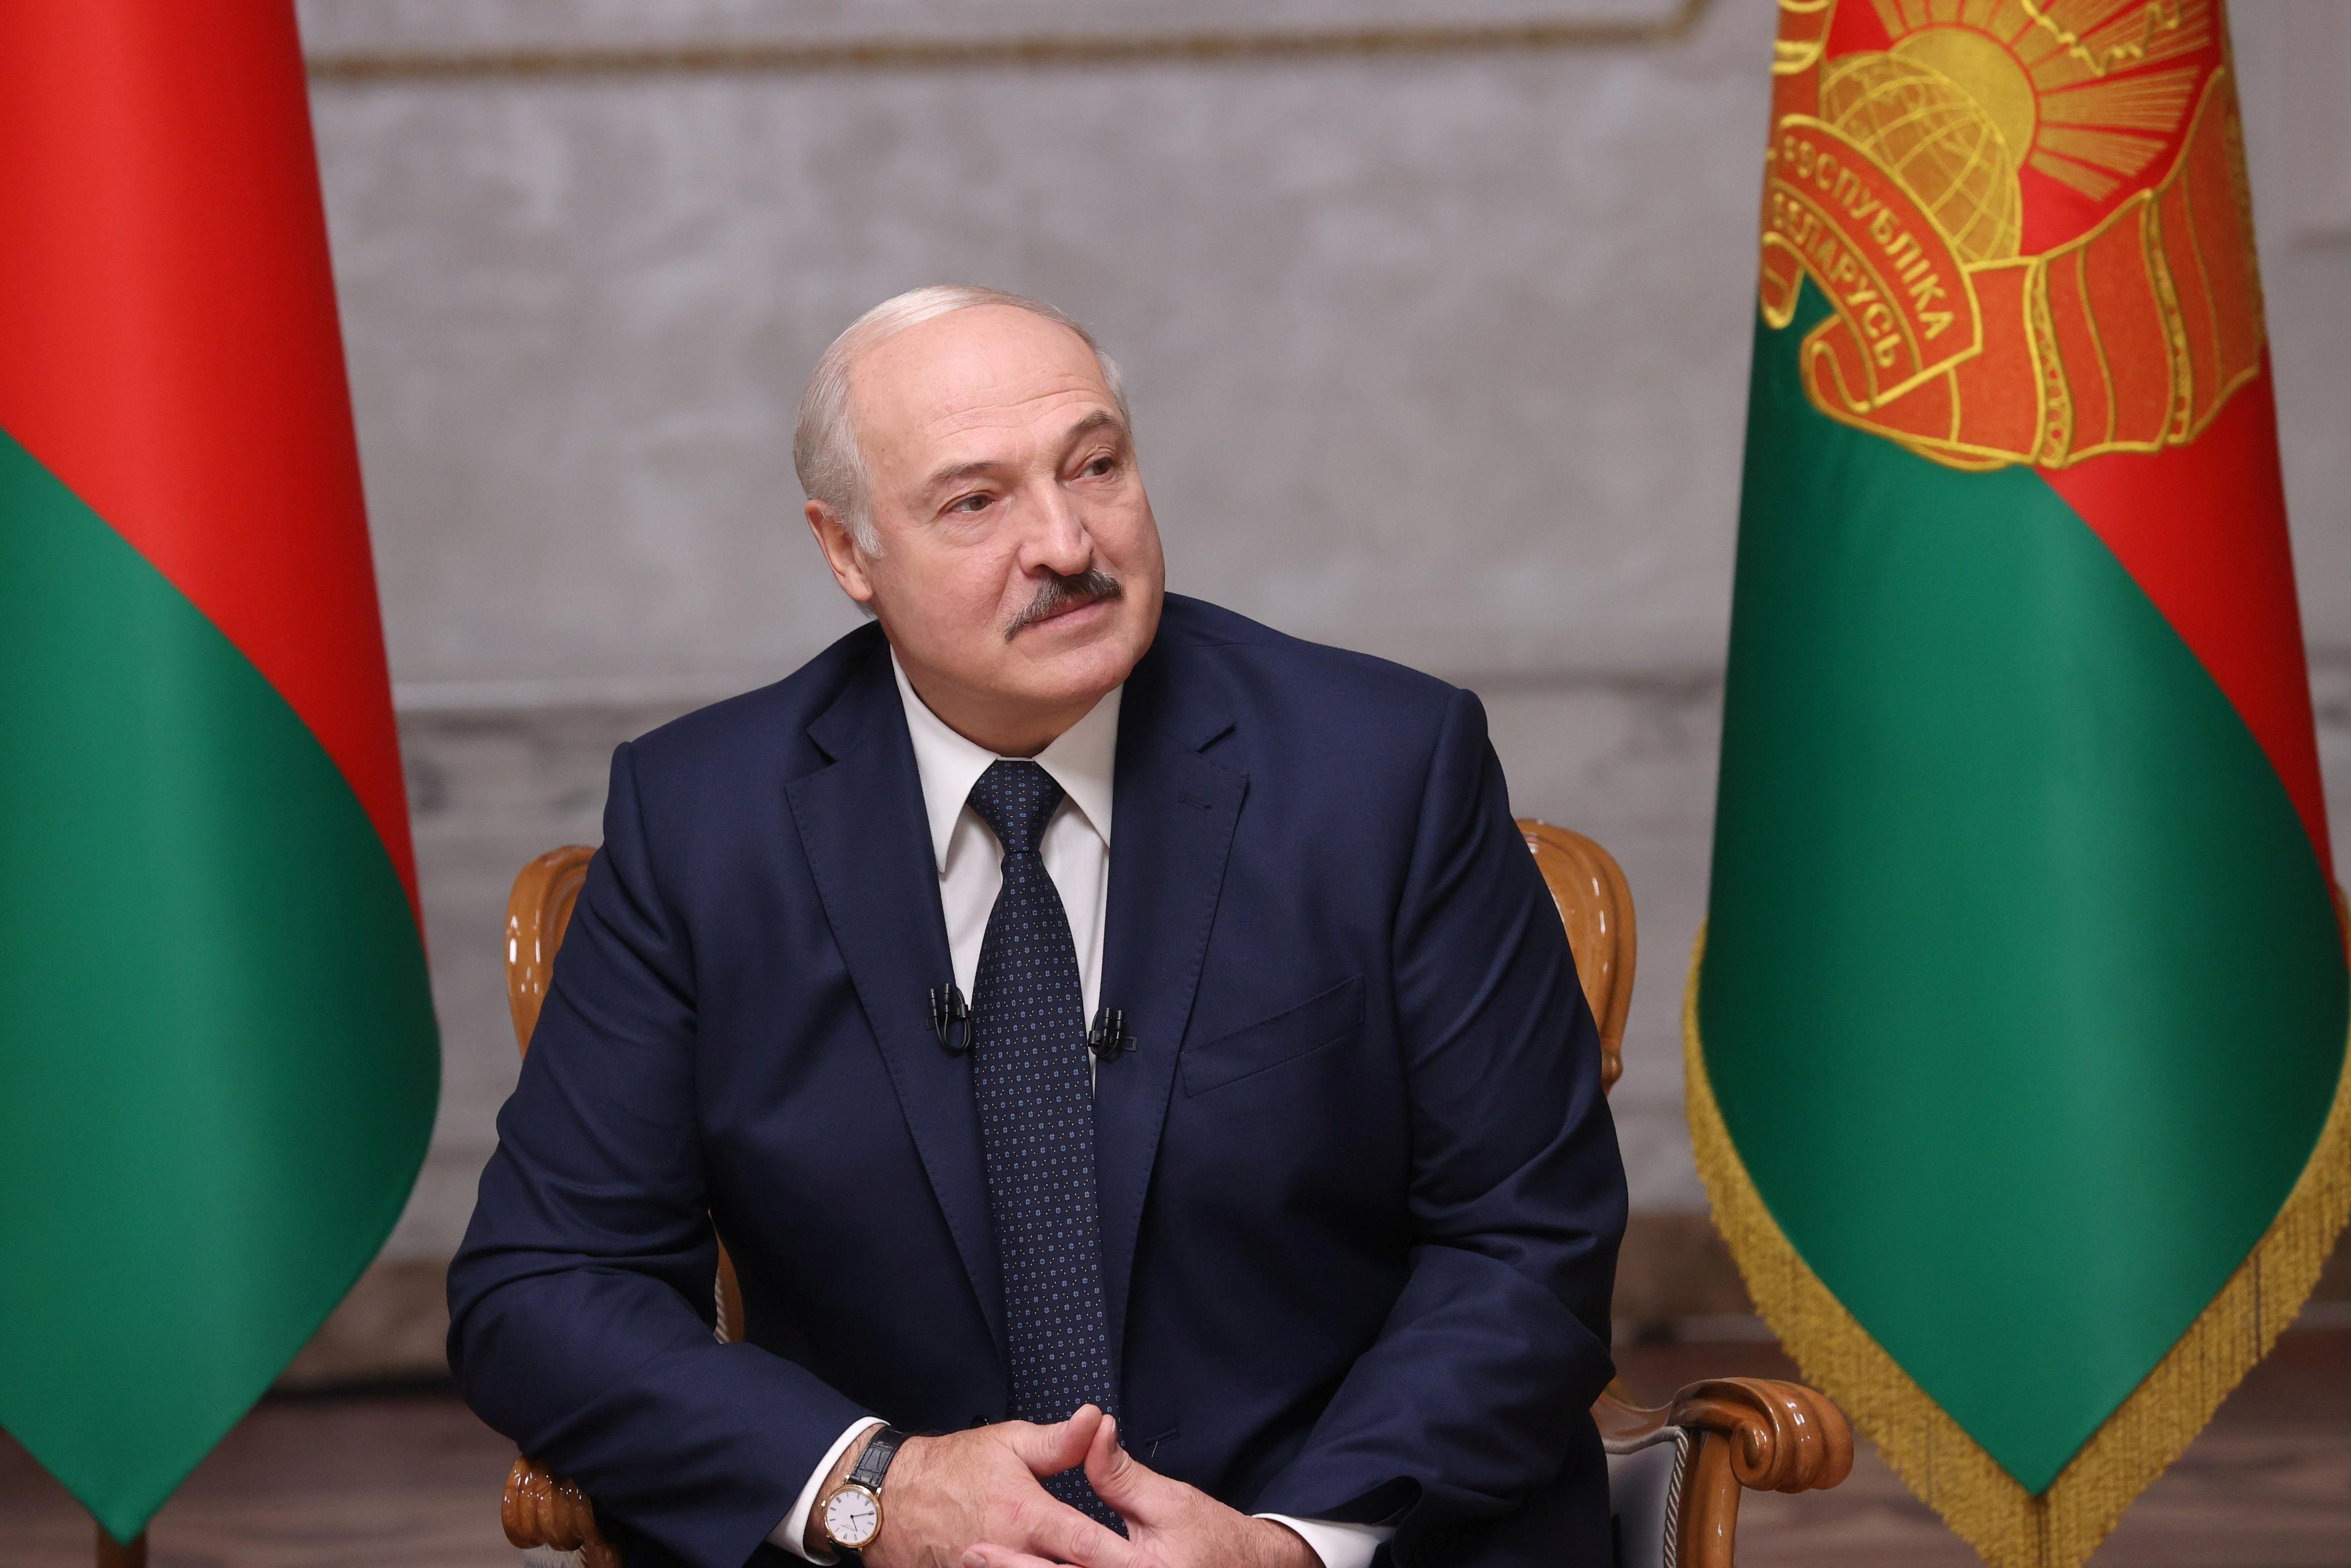 Ditador de Belarus se curva a Putin